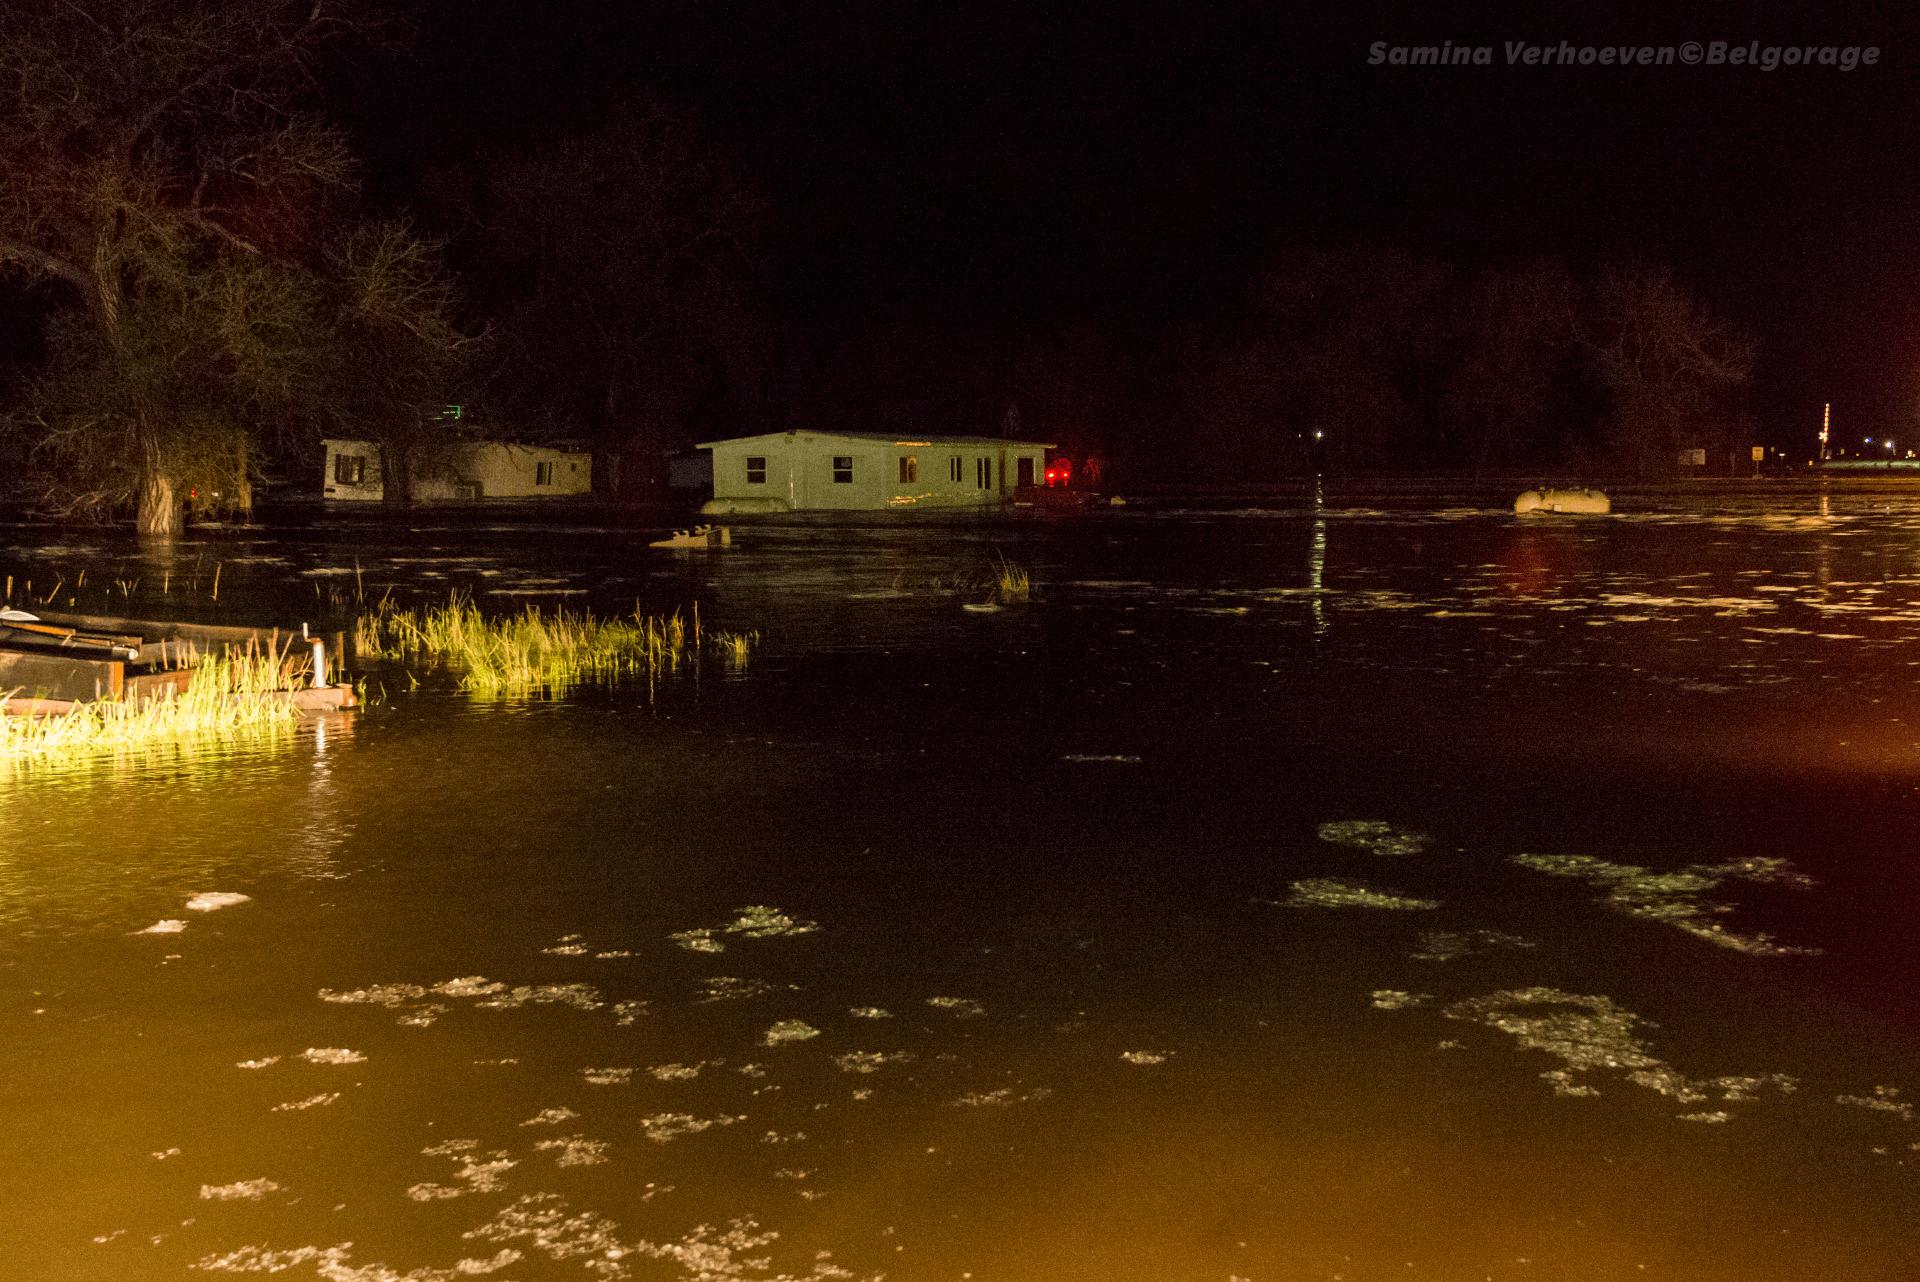 Centre-ville de Manville entièrement sous eau. Une citerne flotte au milieu du carrefour. Prise de vue effectuée dans la ville de Manville dans l'état du Wyoming, le 03 juin 2015 à 23h57